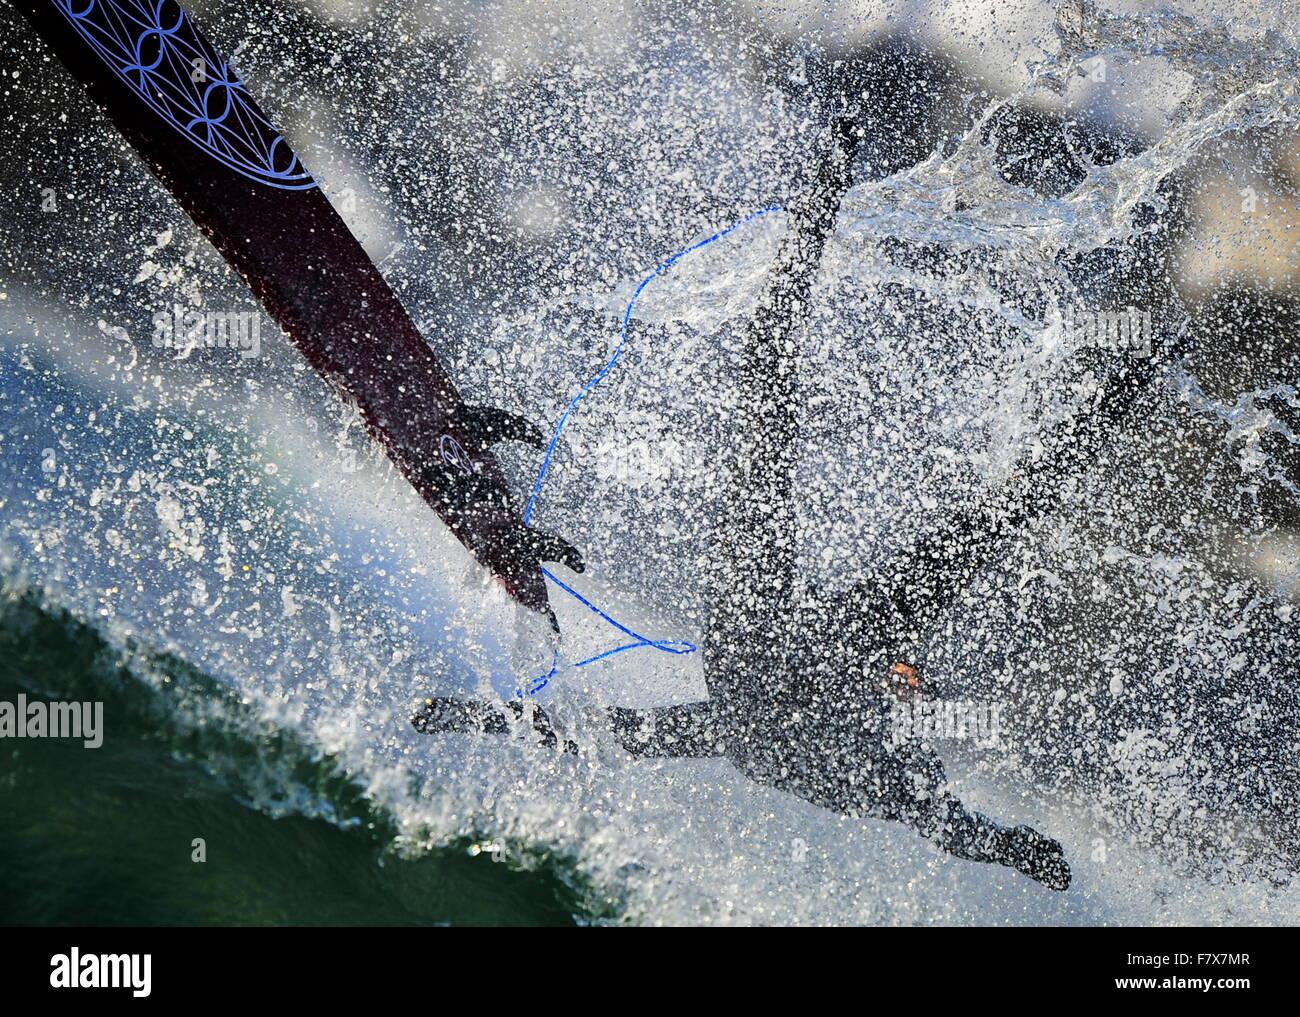 Vladivostok, Russie. 19Th Mar, 2015. Un internaute tombe un surf alors qu'il tente de monter une vague à Photo Stock